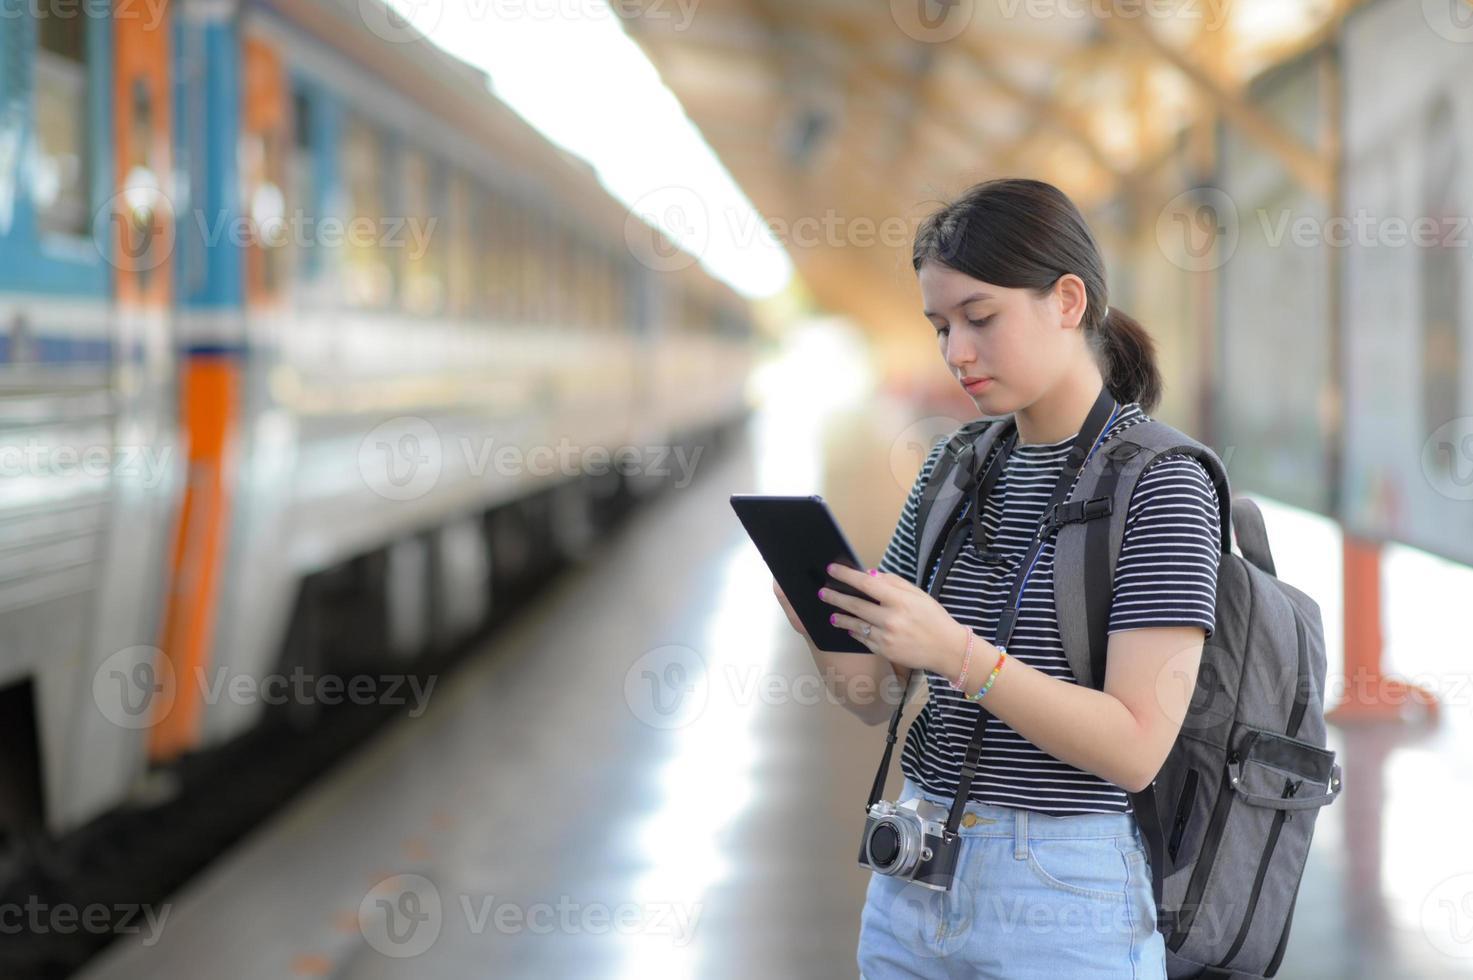 en utländsk kvinnlig resenär bär en ryggsäck med en surfplatta i väntan på ett tåg. foto